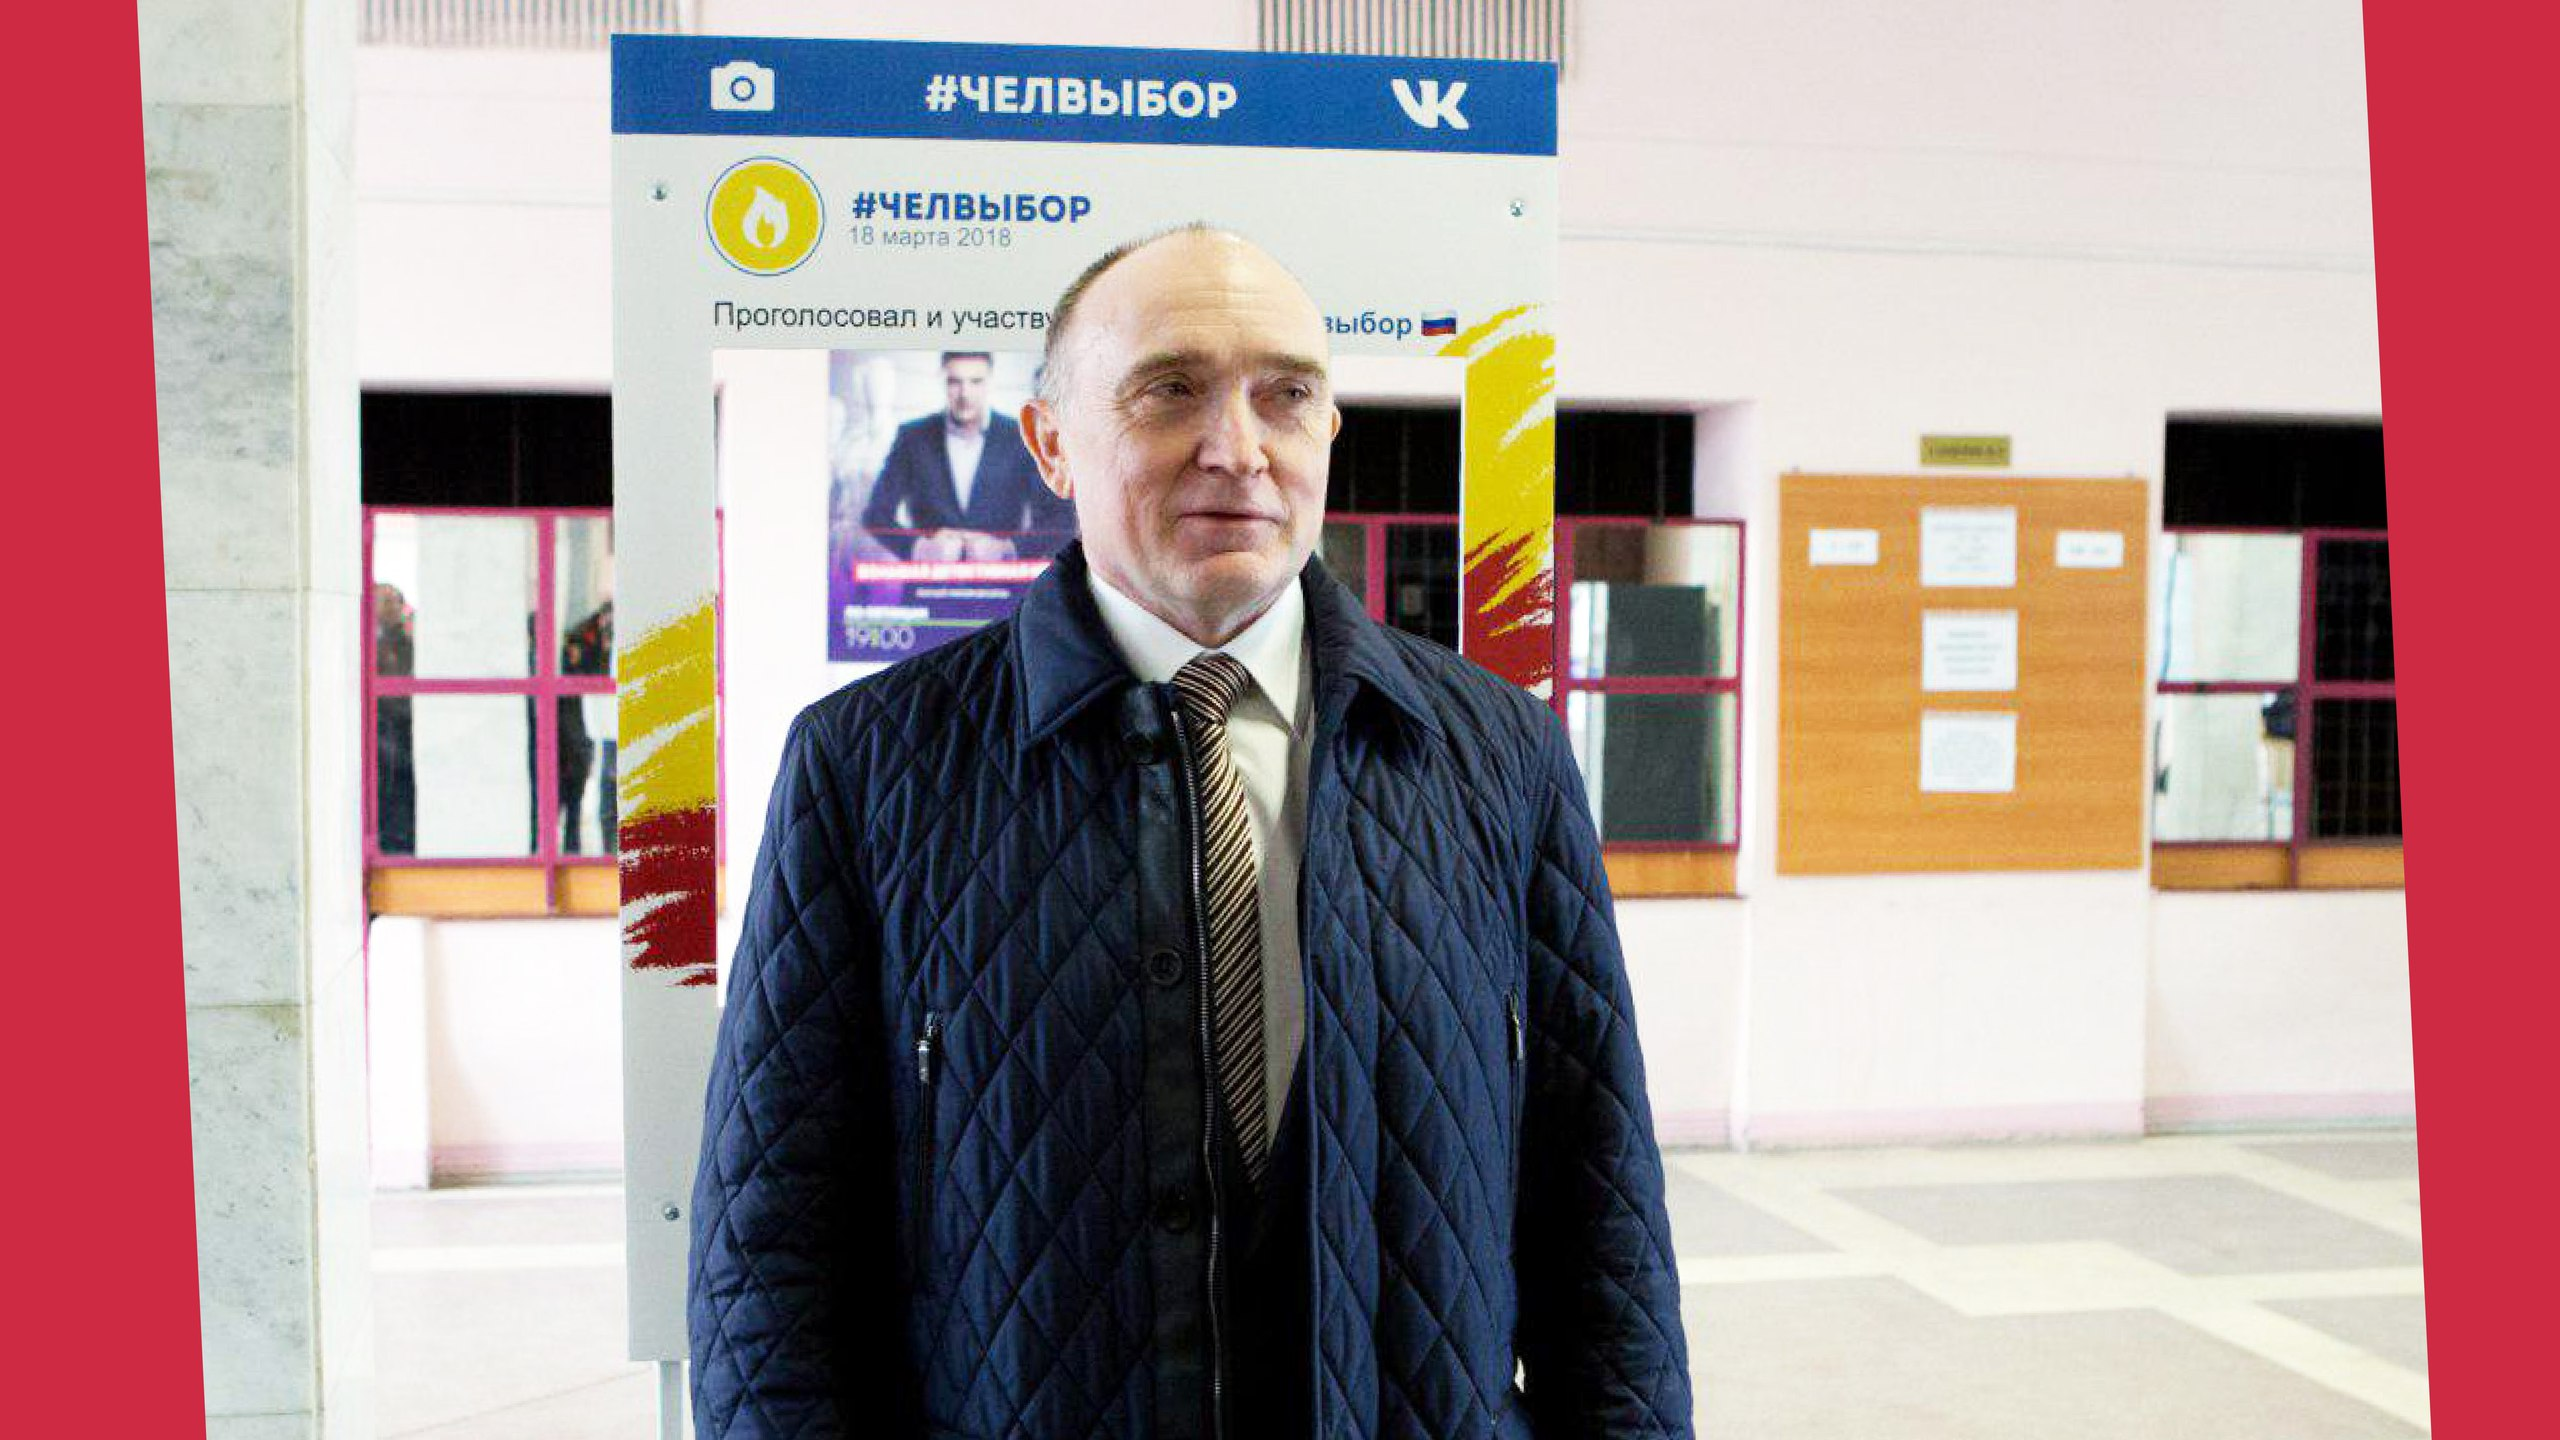 Губернатор Челябинской области Борис Дубровский уже принял участие в конкурсе. Он проголосовал на